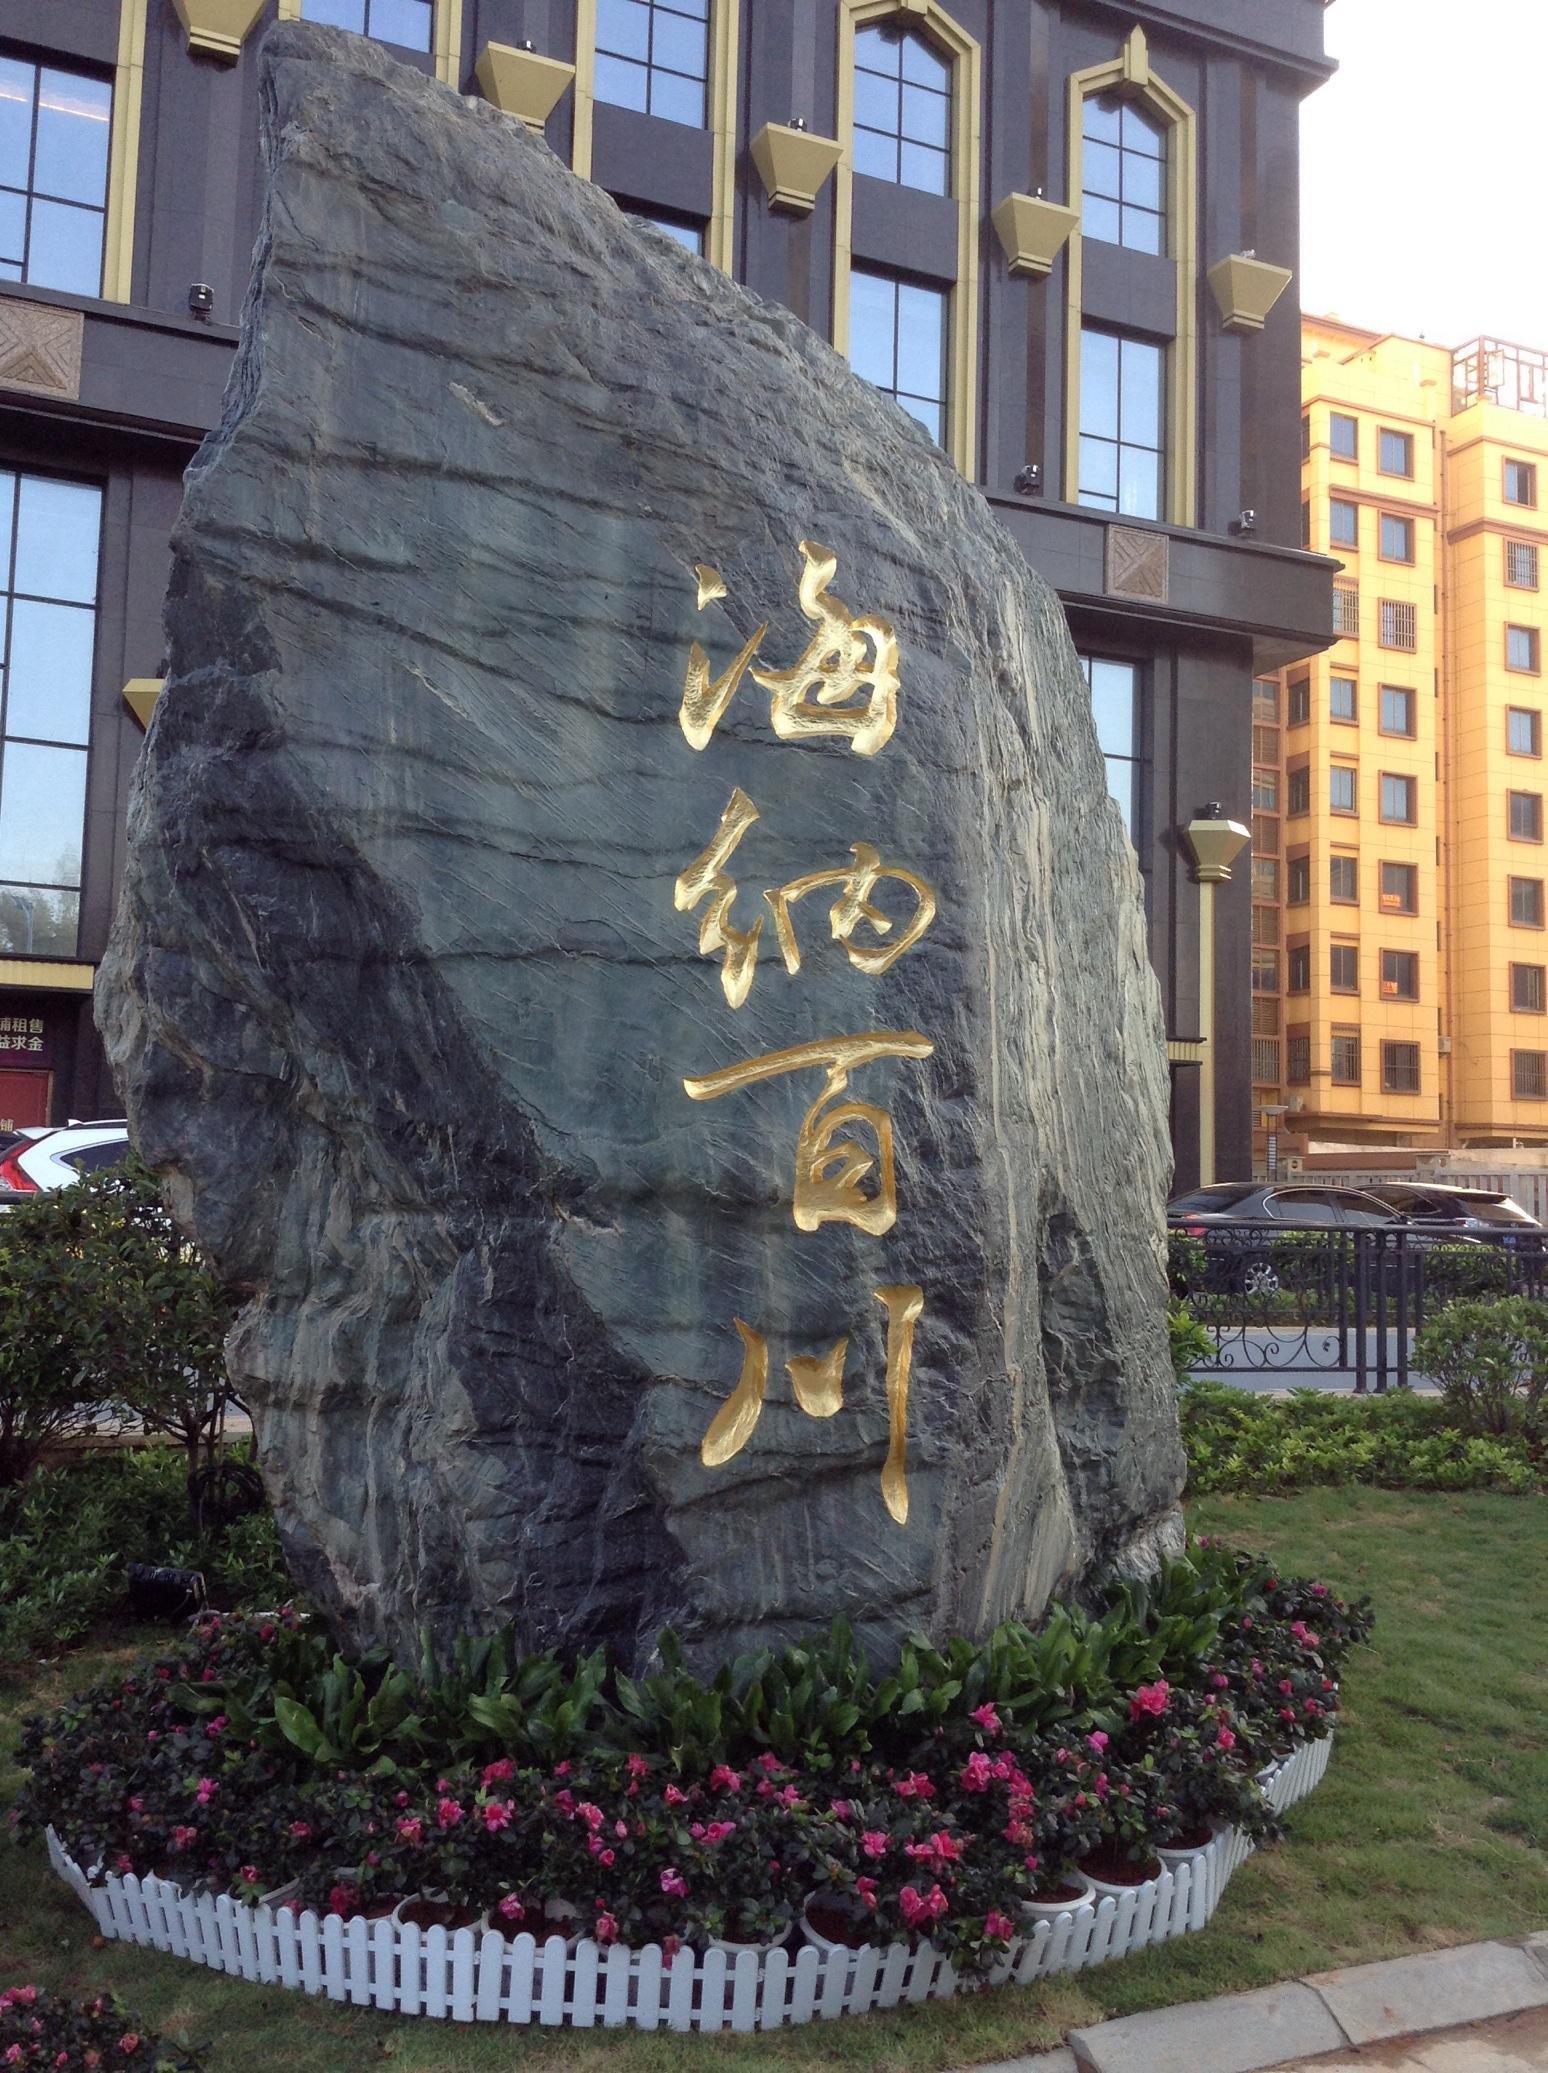 供应园林景观的日式园林石 日式园林石的价格 日式园林石的质地 日式园林石哪家有  日式园林石客户好评  日式园林石产地